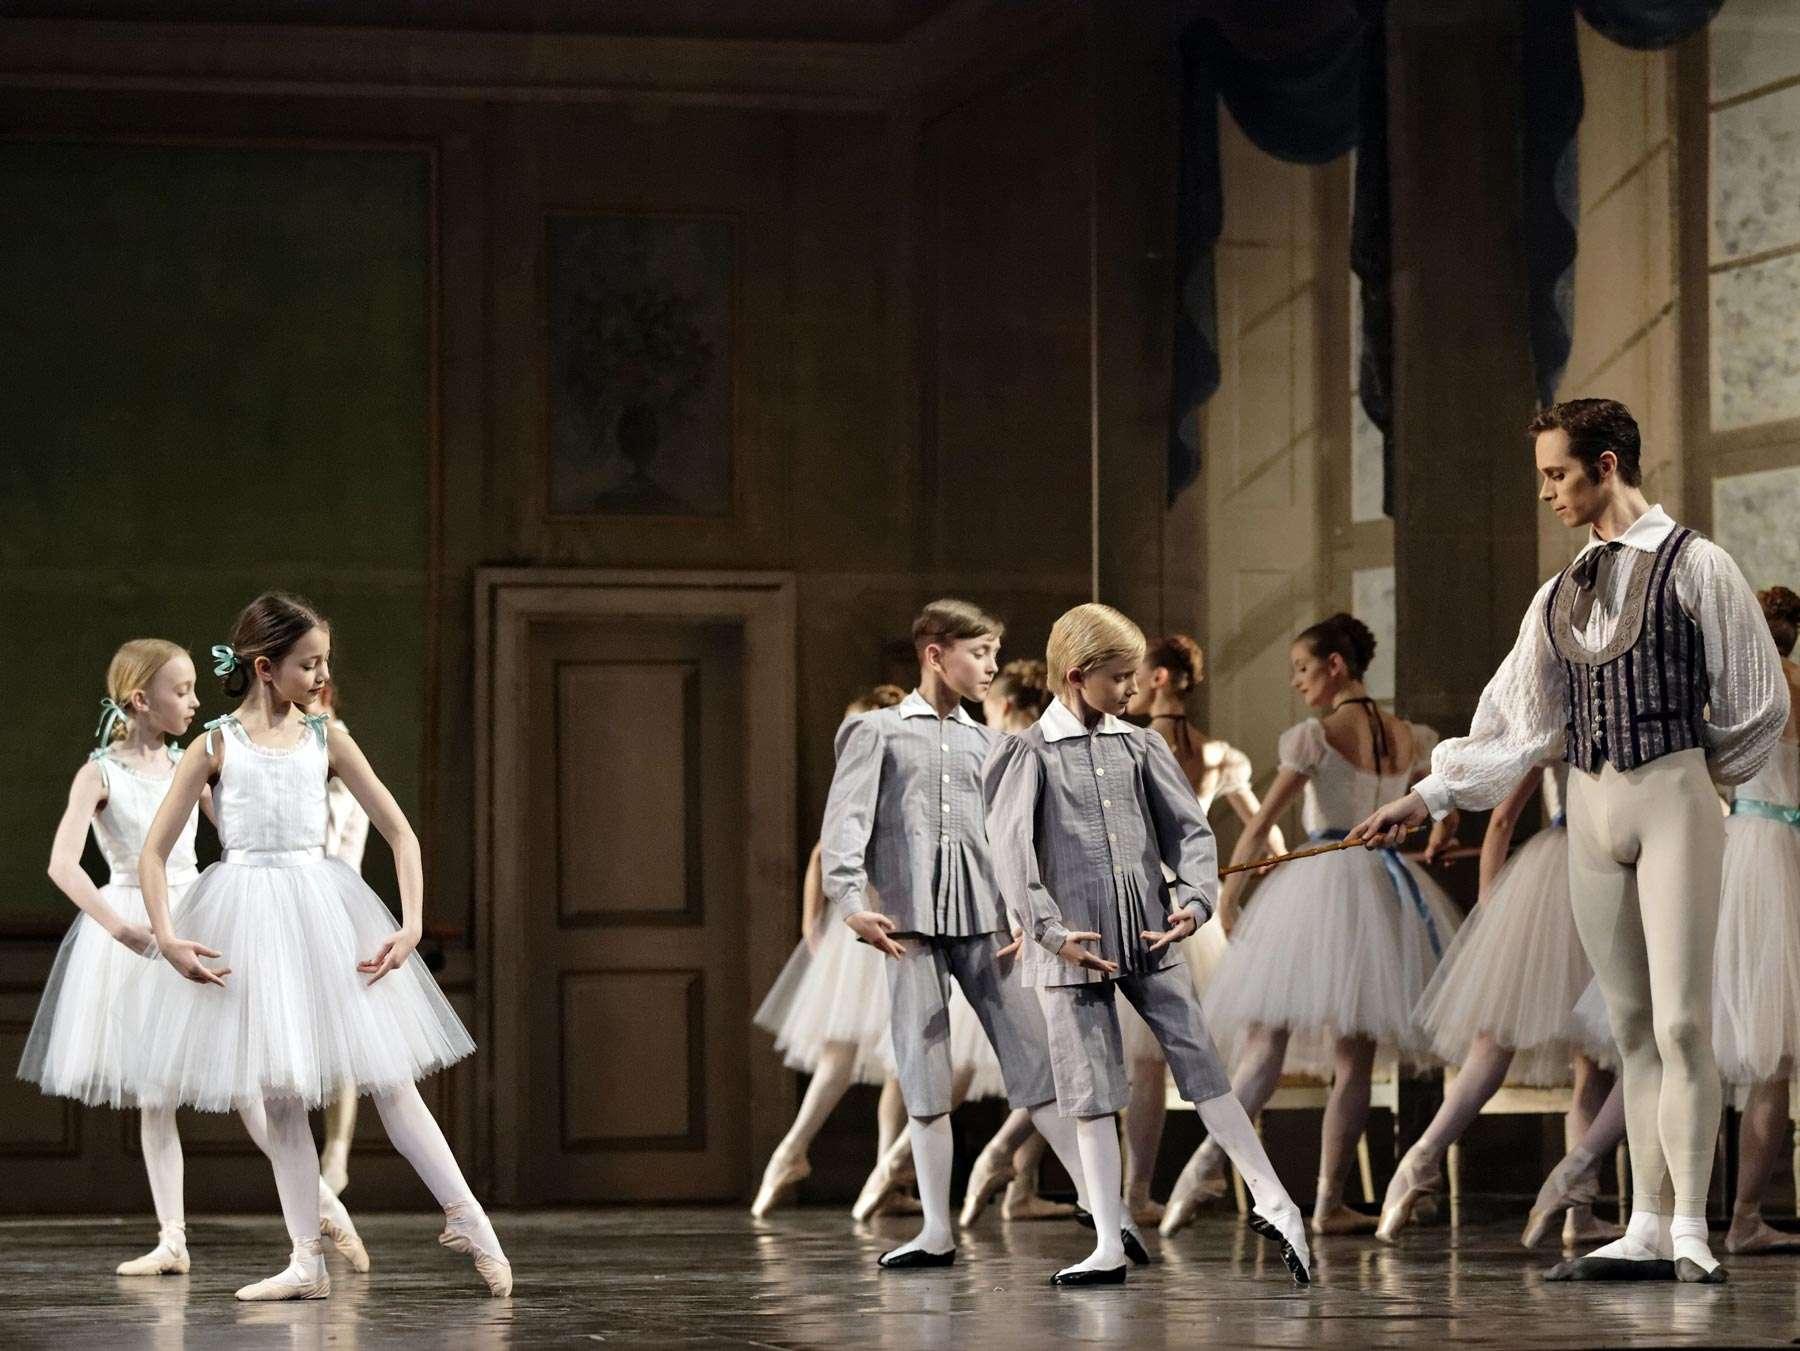 giovani ballerini imparano il metodo Bournonville